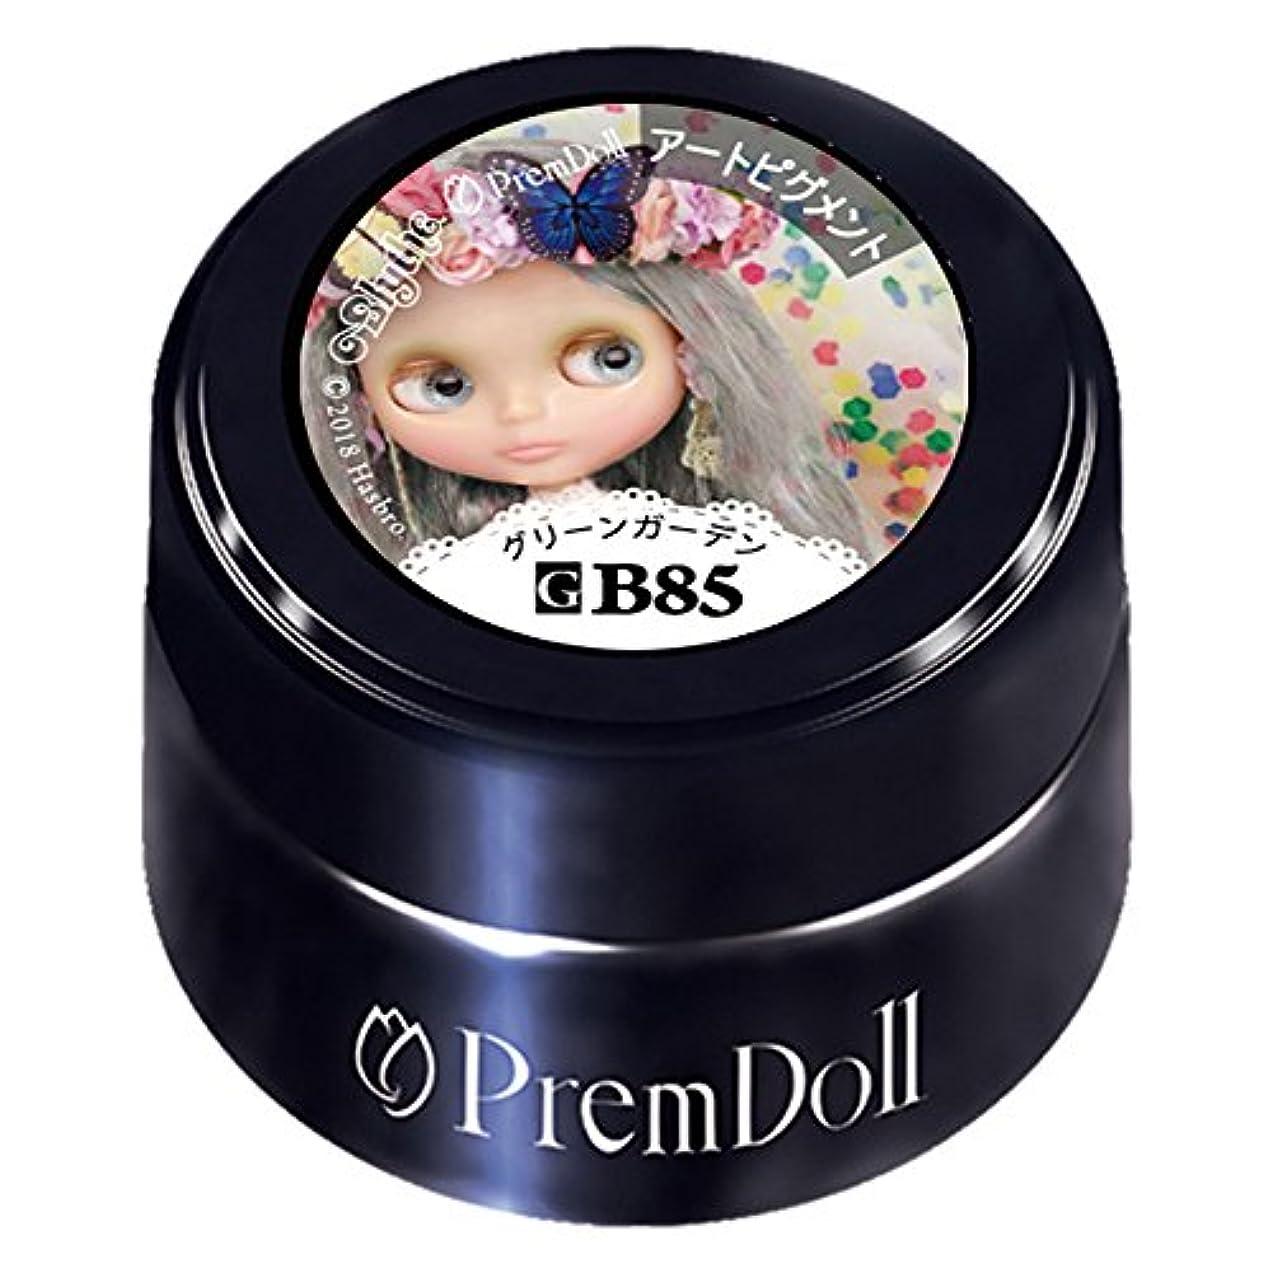 PRE GEL プリムドールグリーンガーデン85 DOLL-B85 3g UV/LED対応